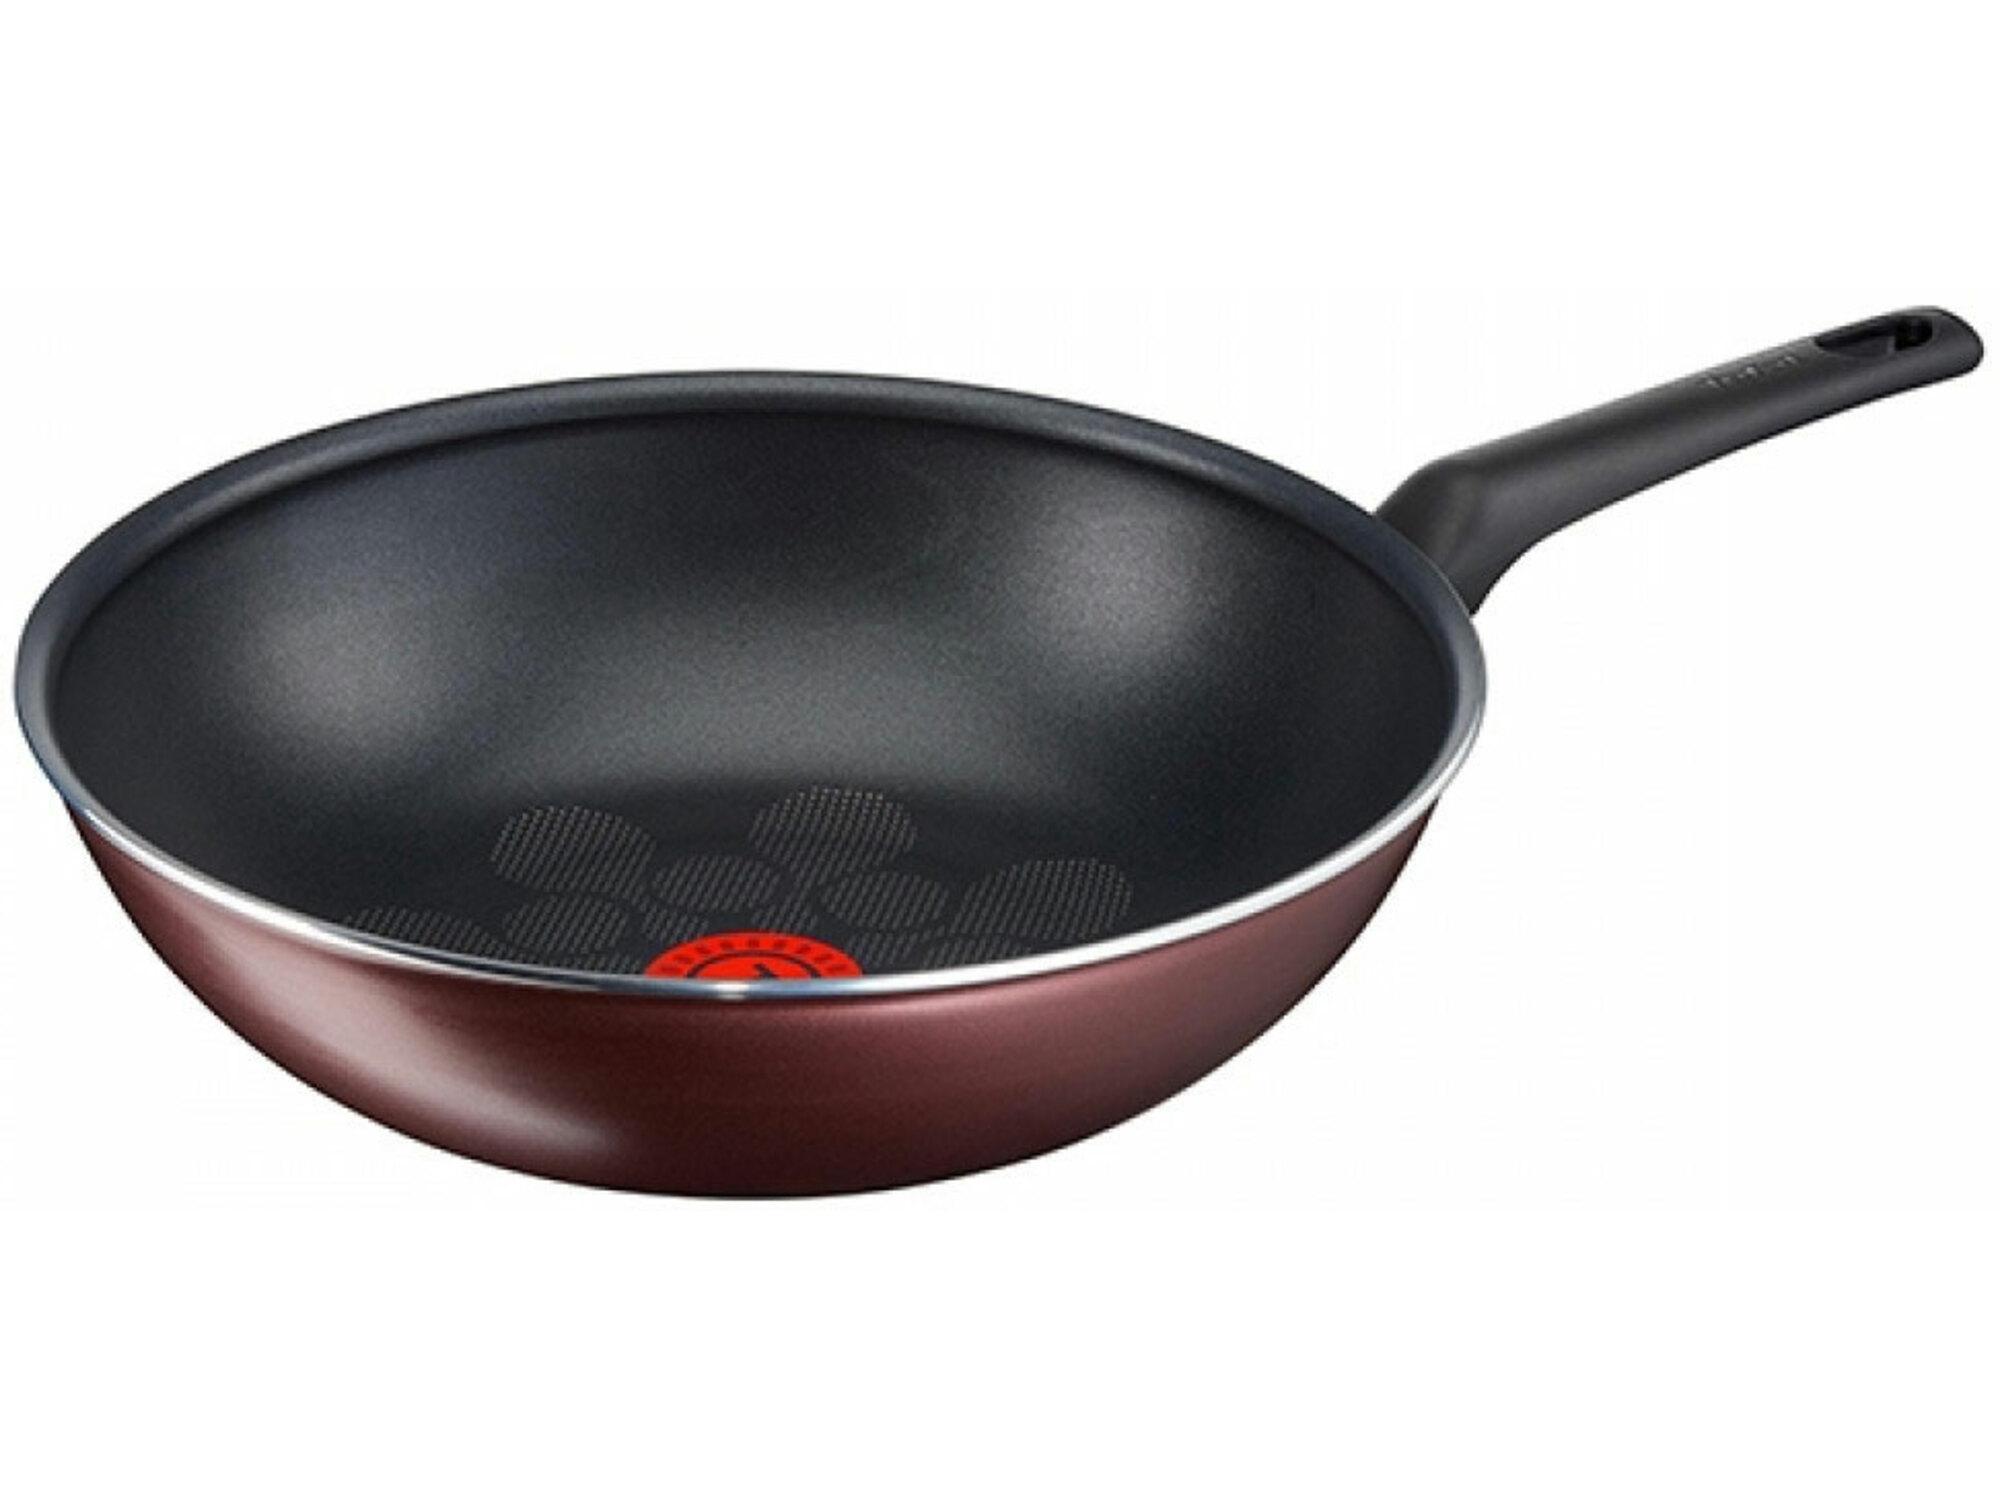 Tefal Tiganj wok 28cm Cook n Clean B3441922